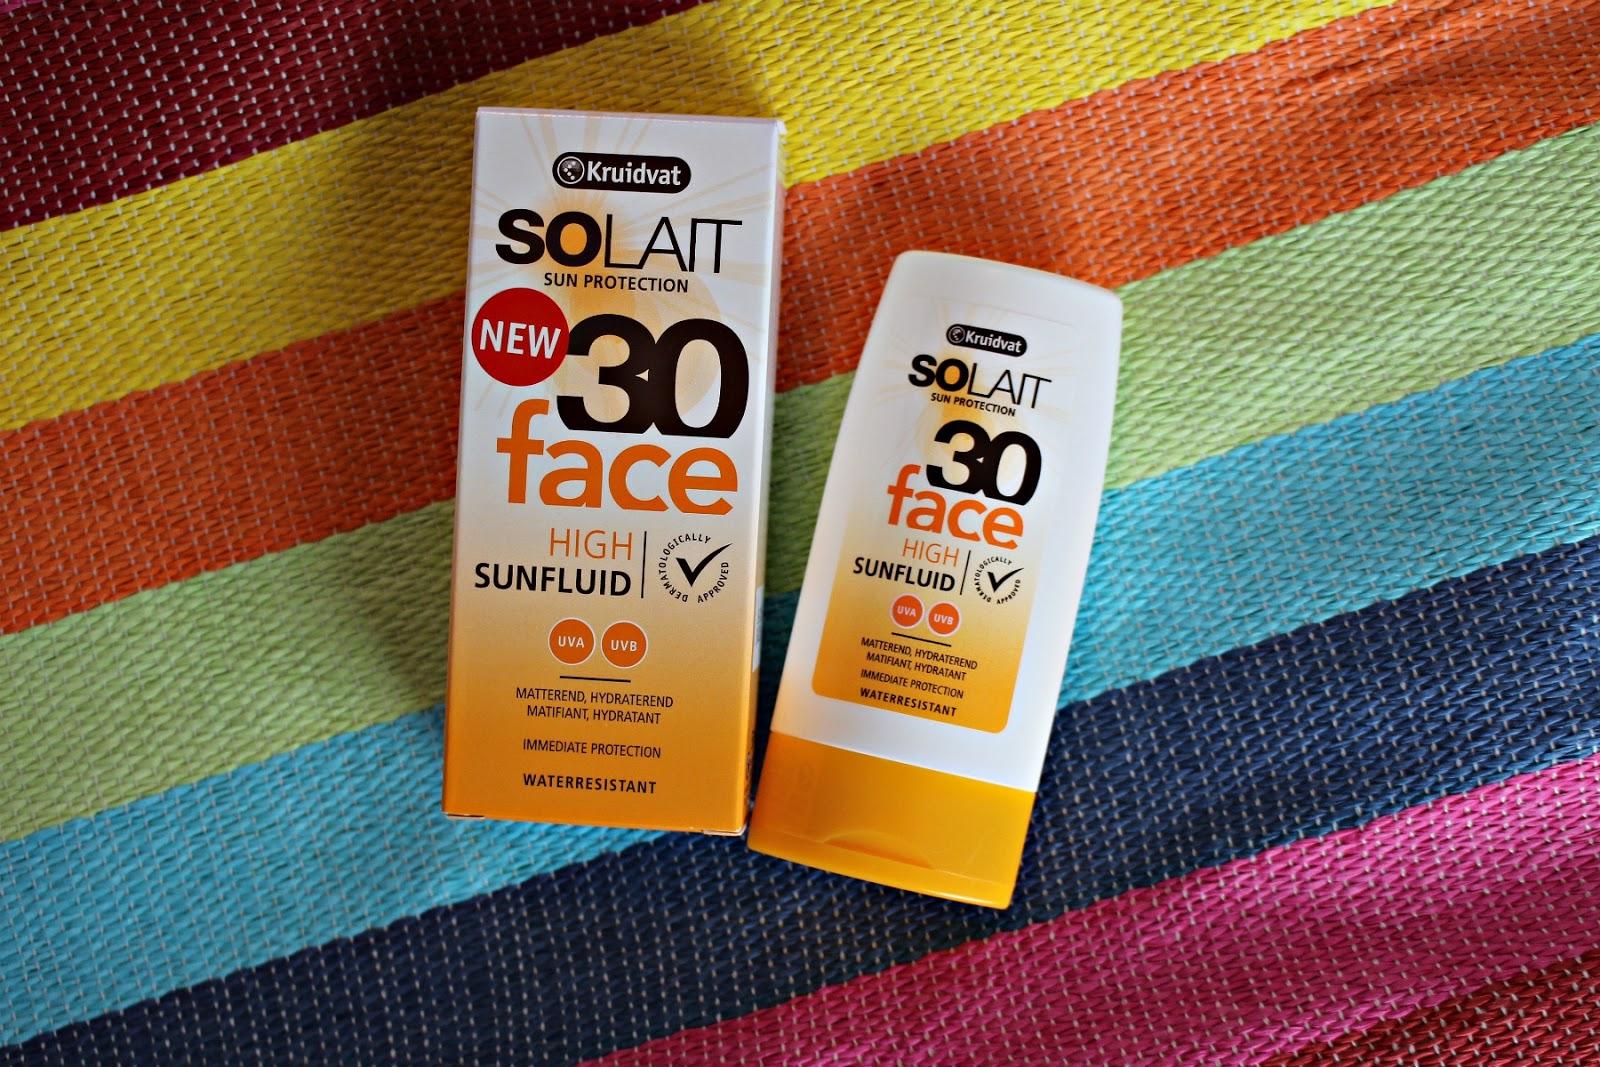 Kruidvat Solait Sunfluid Face SPF 30